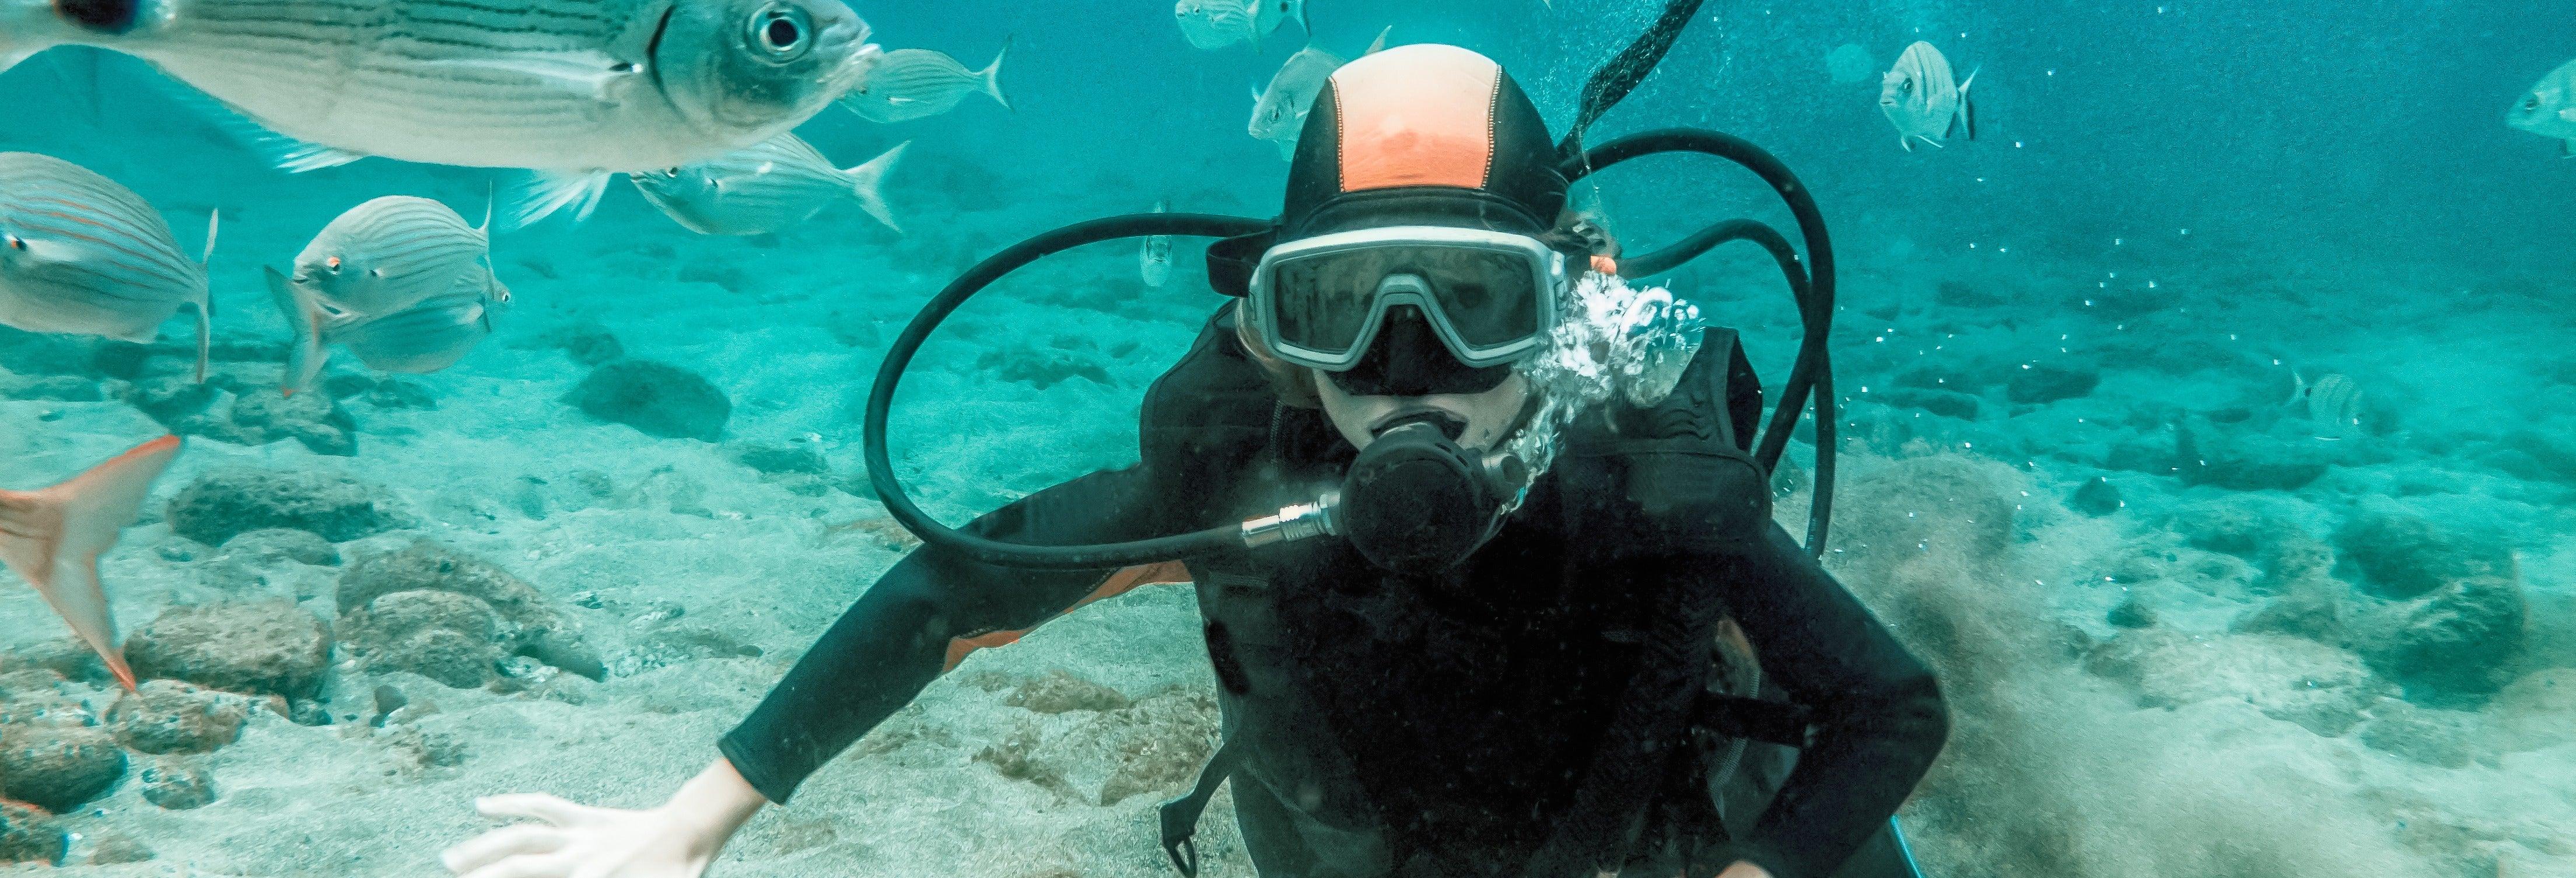 Cours de plongée PADI Open Water en Radazul